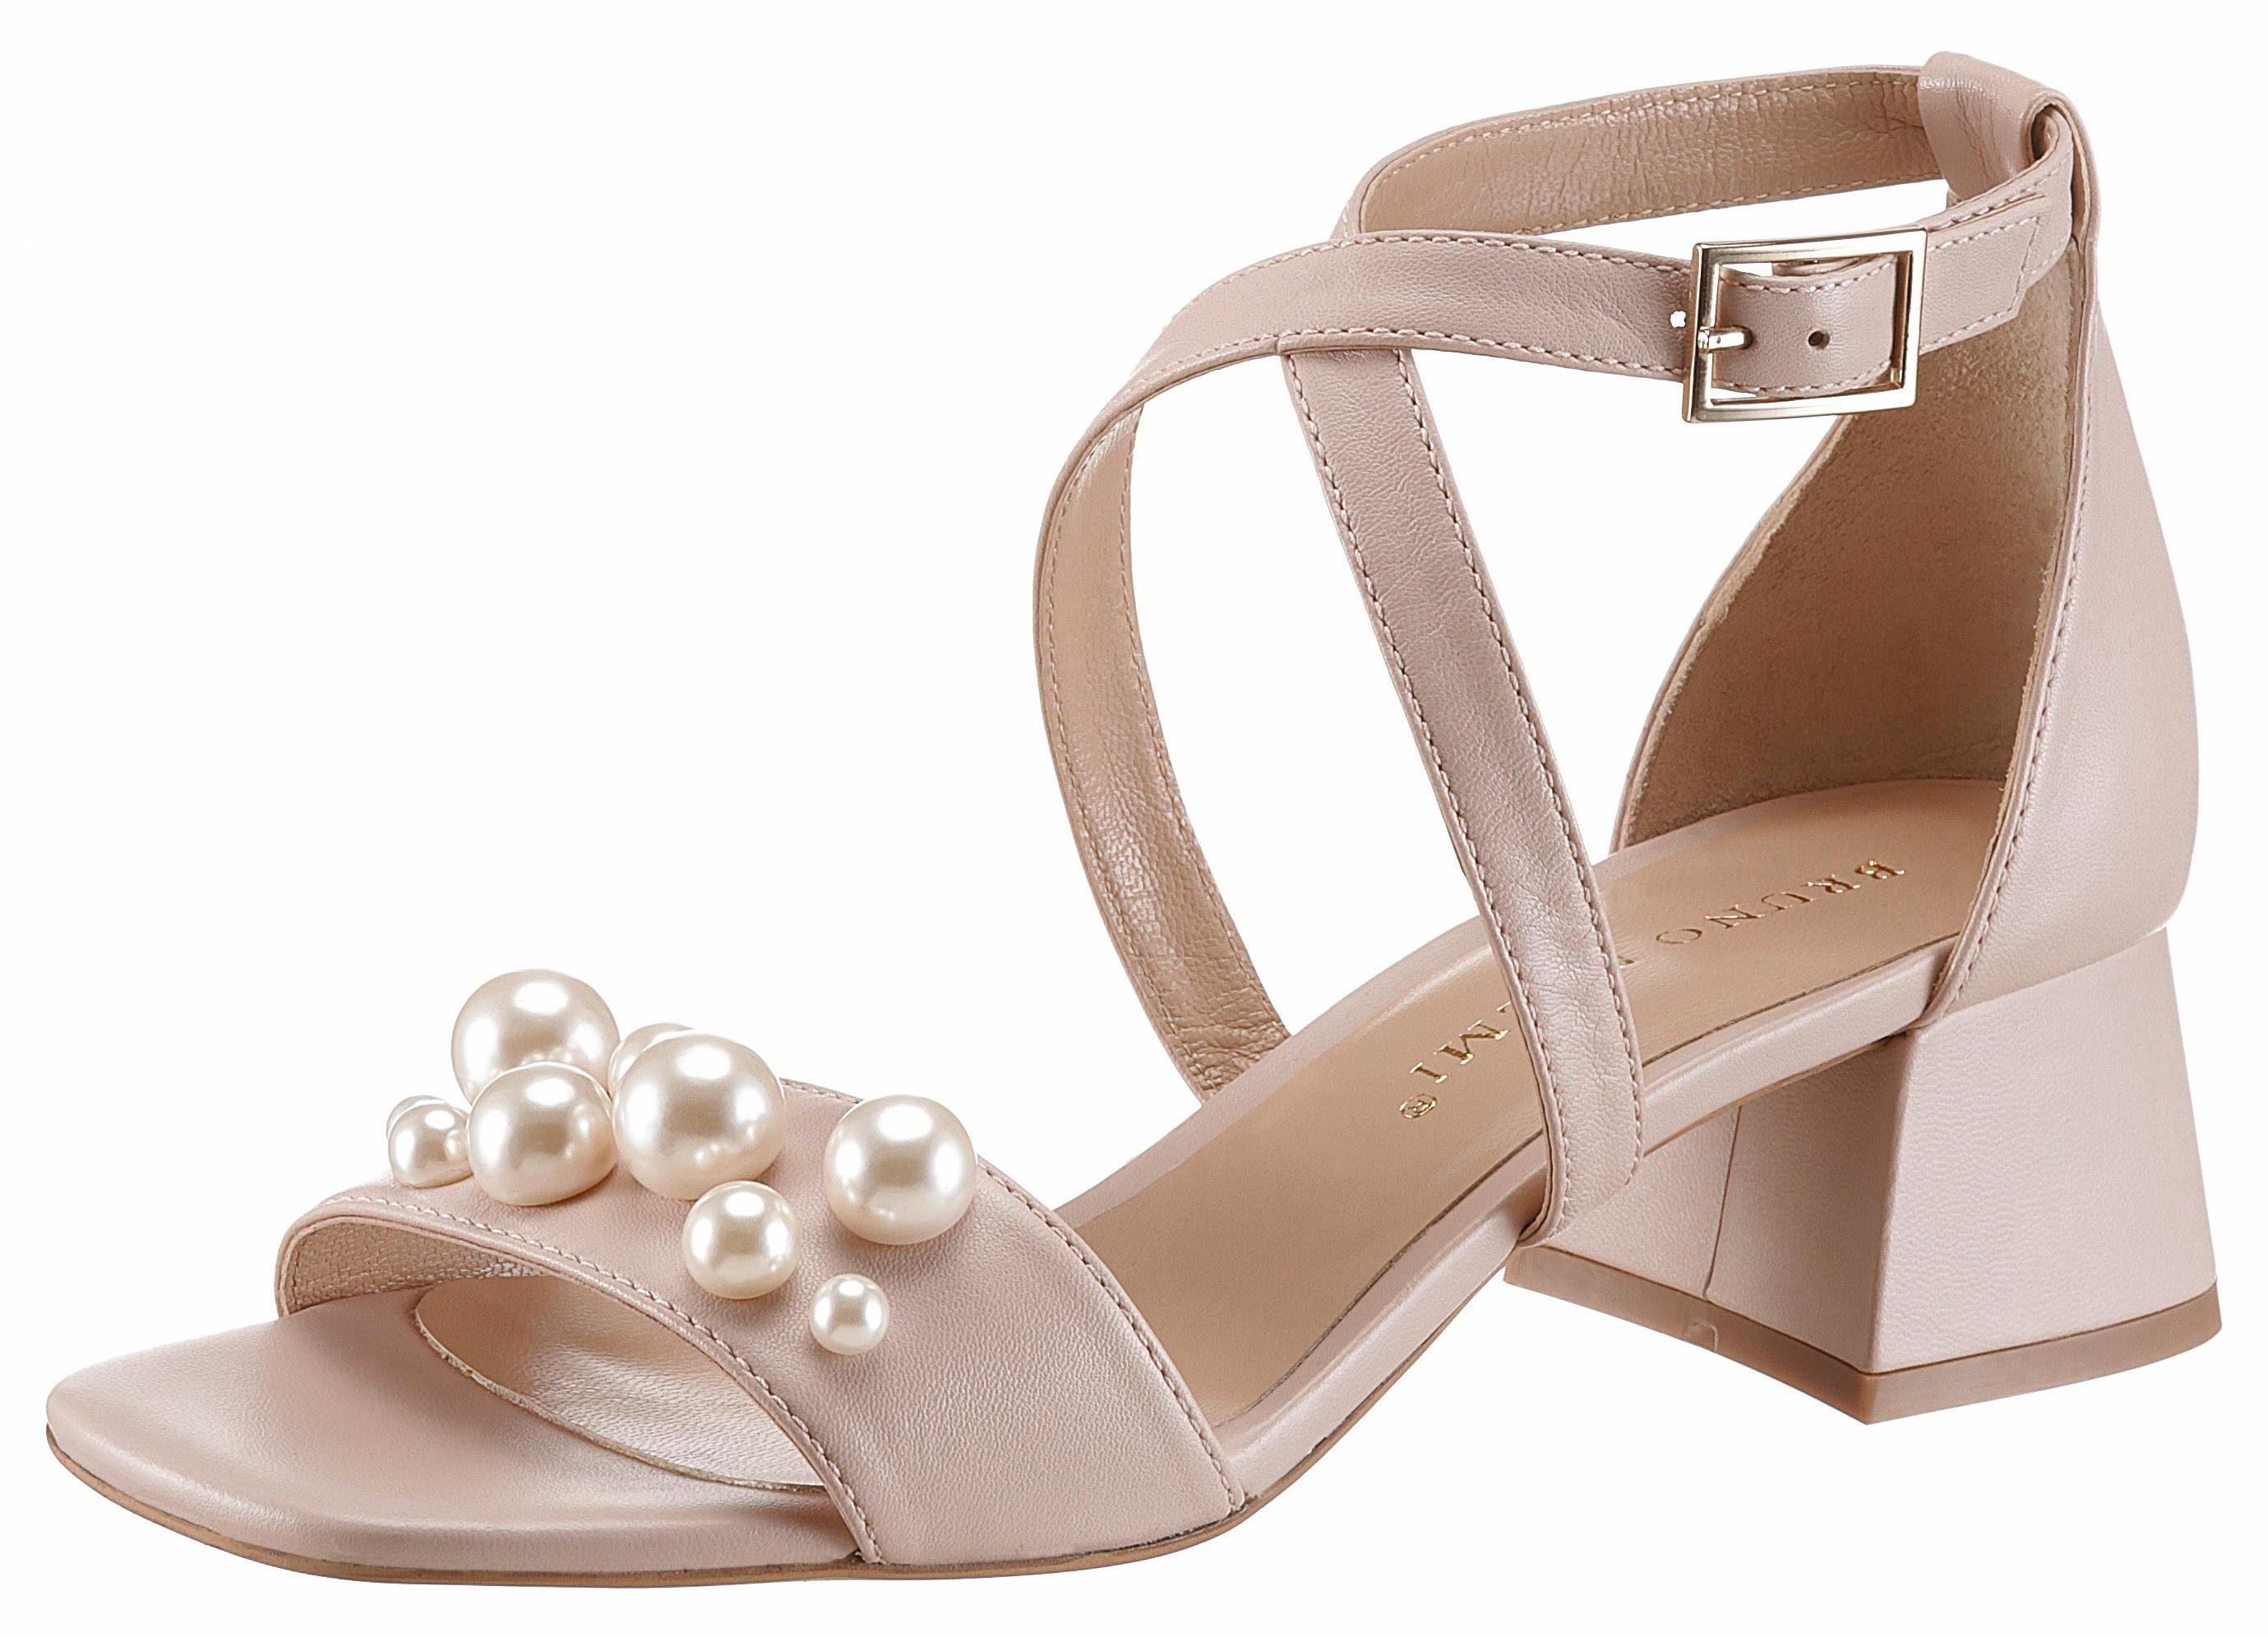 Bruno Premi Sandalette, mit feiner Perlenverzierung online kaufen  nude